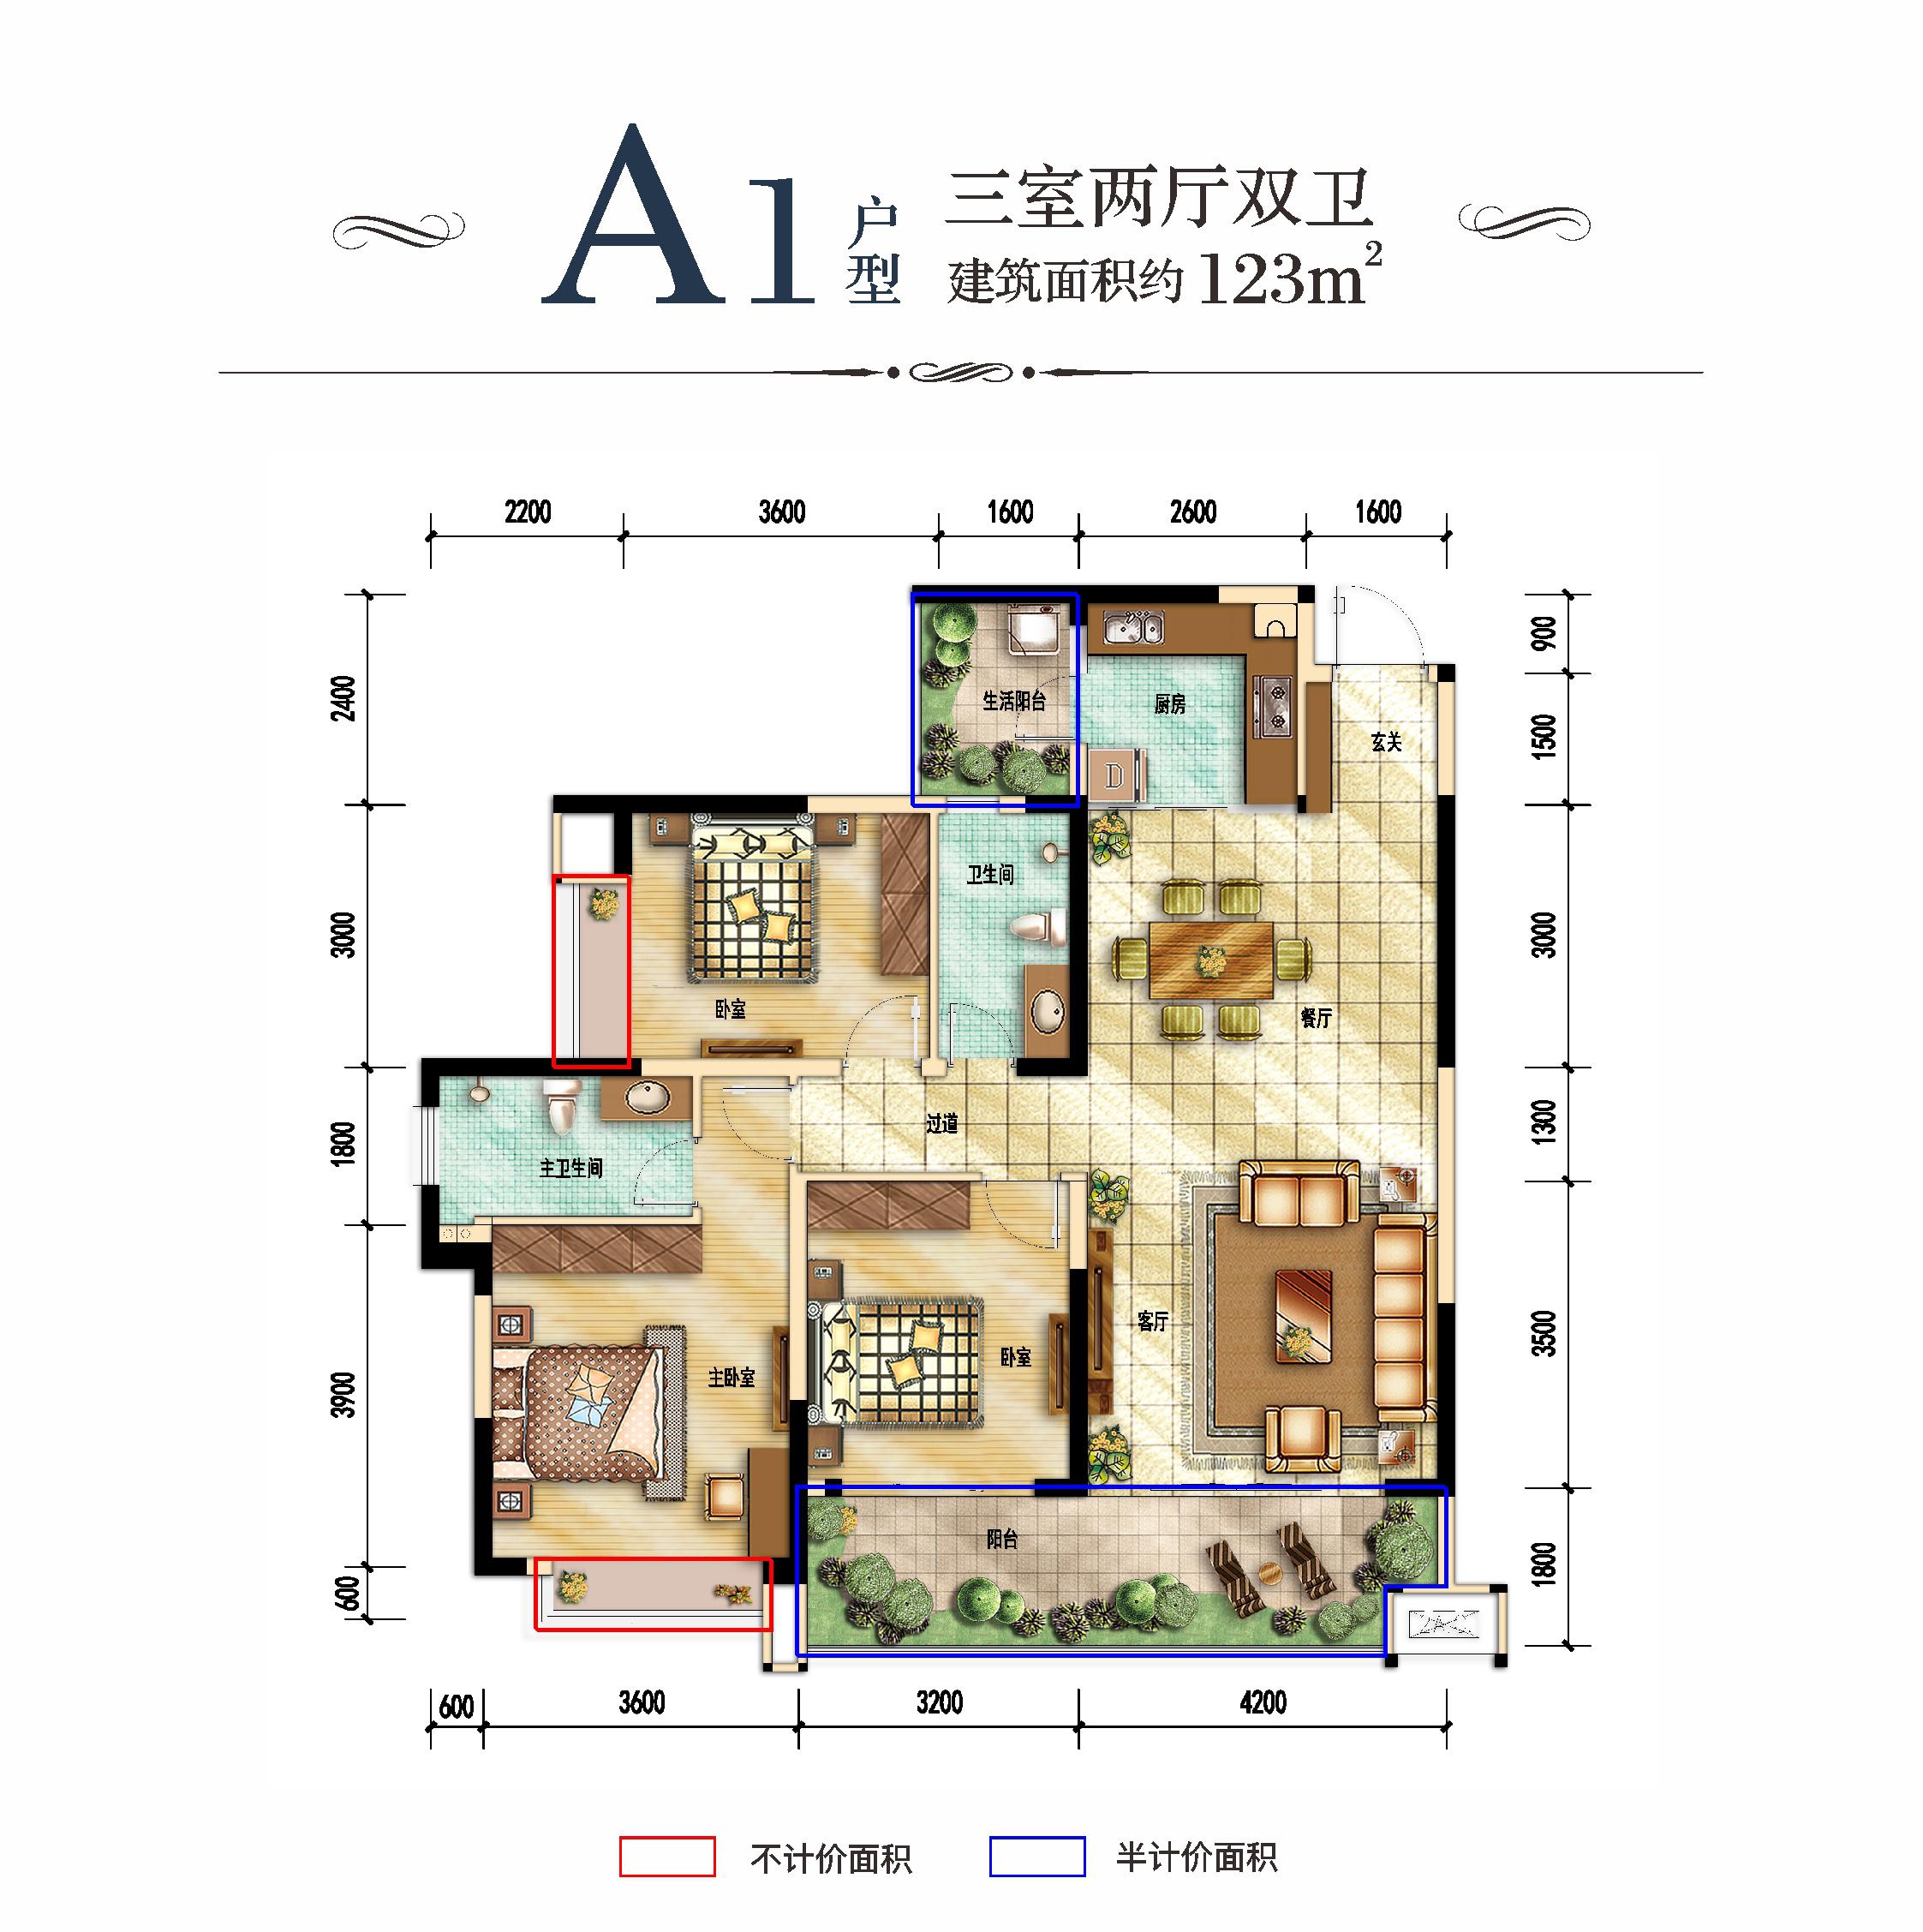 翡翠滨江8月特价房A1中庭